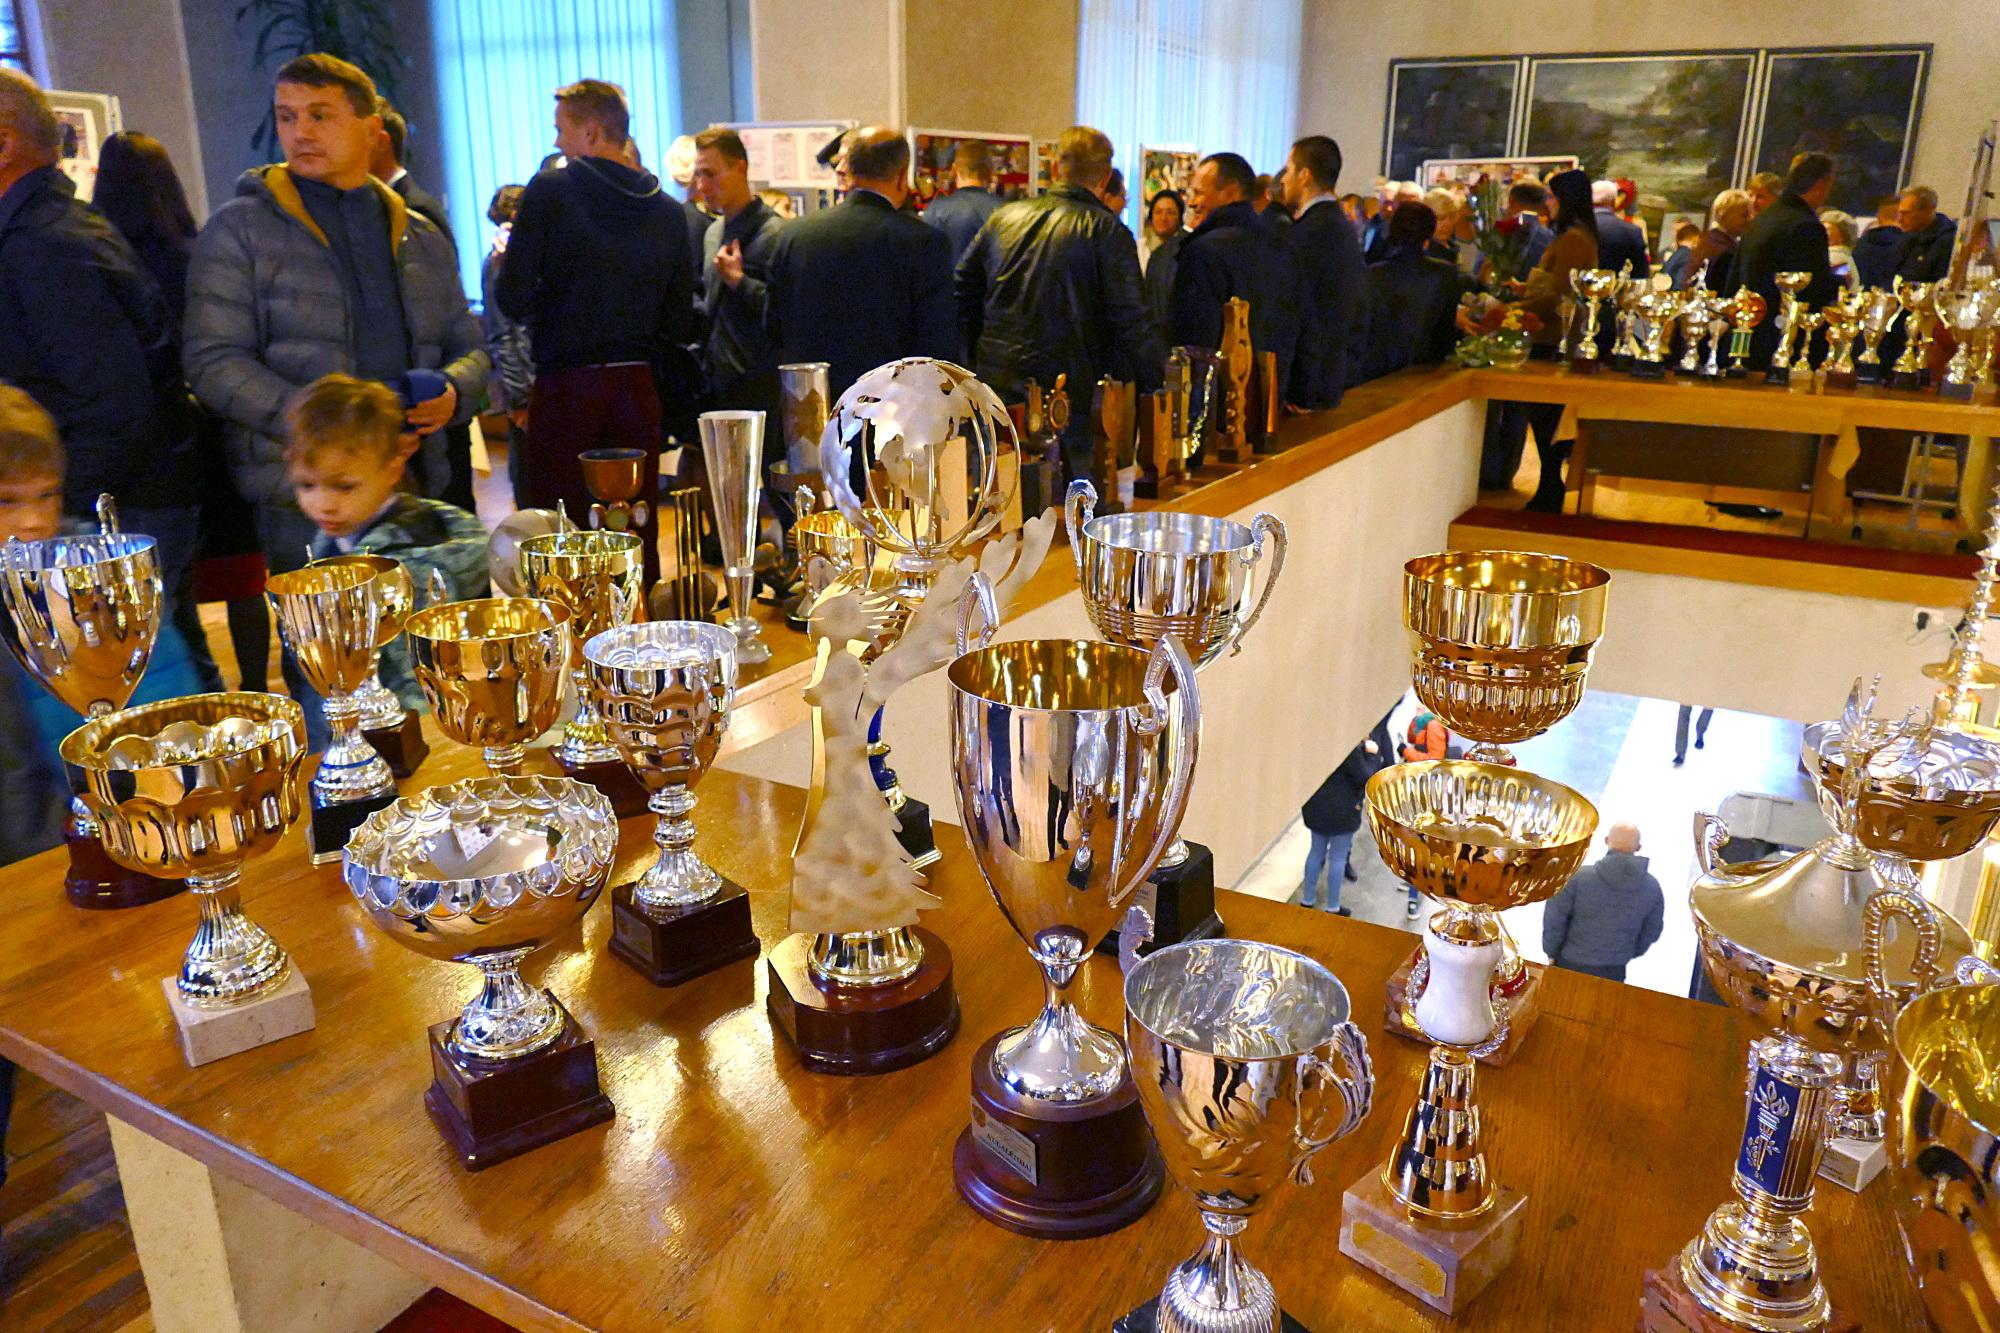 Kultūros ir pramogų centro fojė surengta paroda, pasakojanti apie Šilutės sporto mokyklos 60 metų istoriją ir laimėjimus. Vaidoto Vilko nuotr.